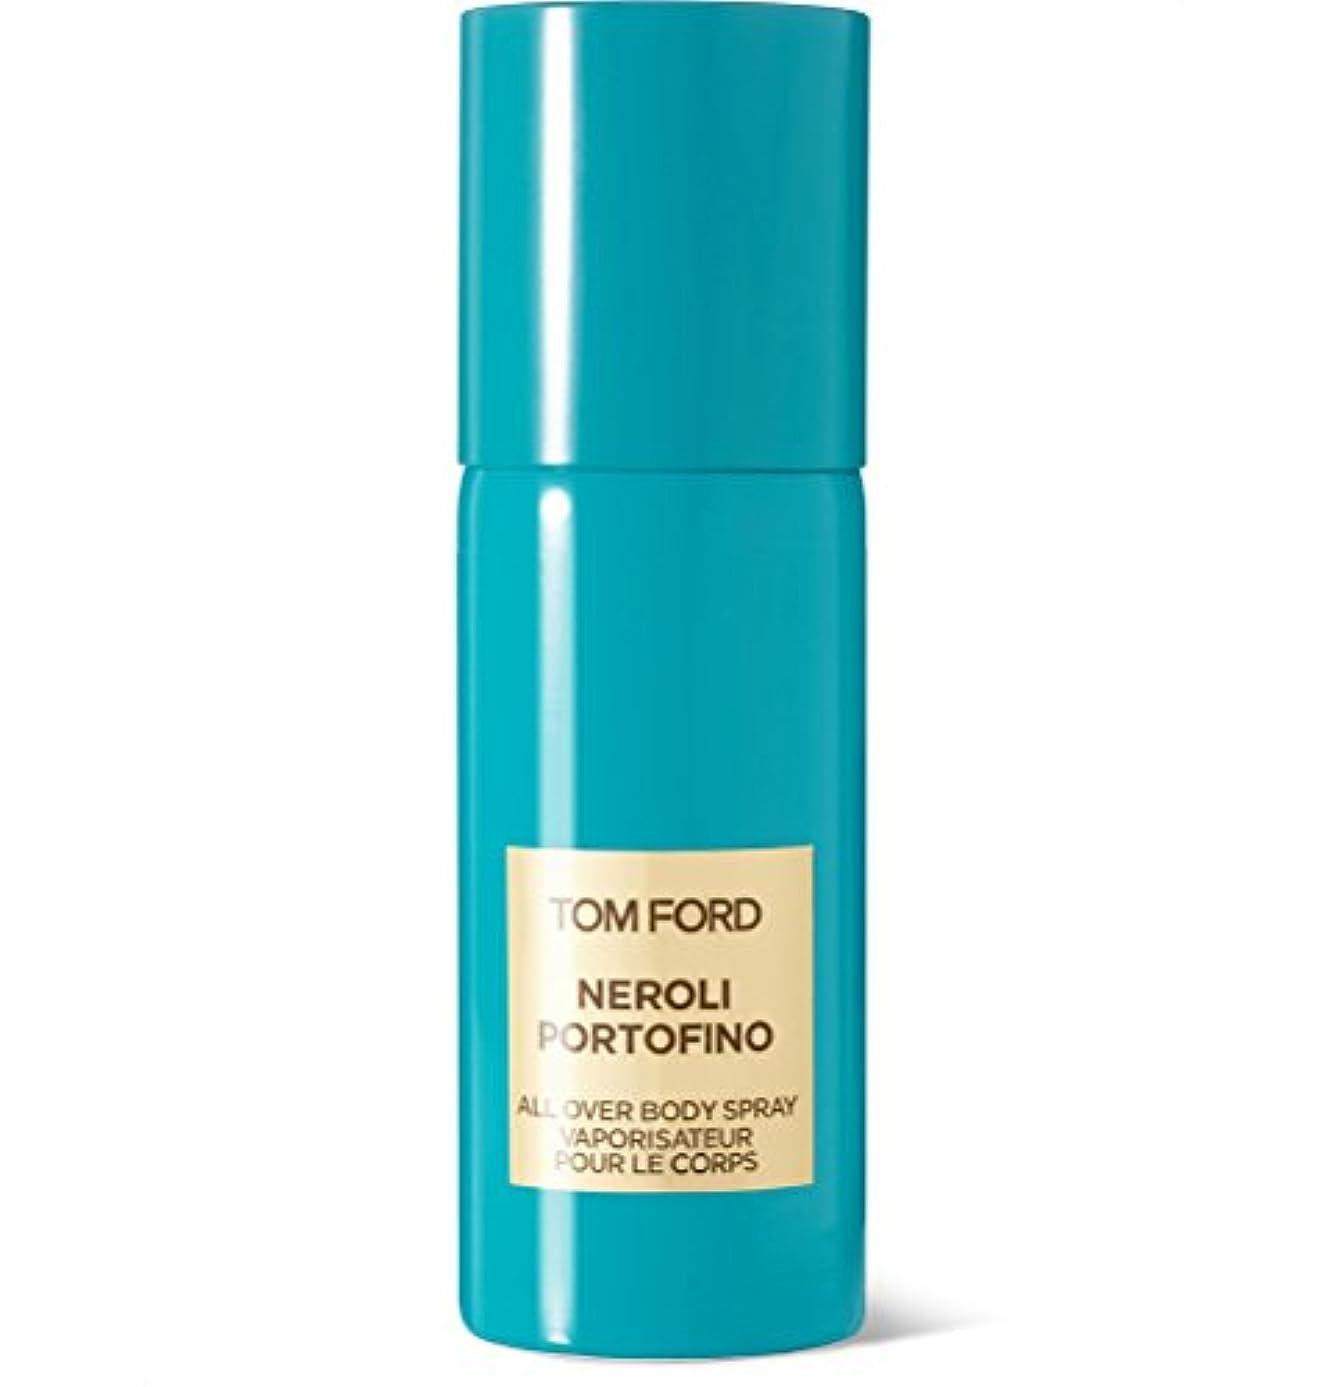 レーニン主義グループ添付Tom Ford Private Blend 'Neroli Portofino' (トムフォード プライベートブレンド ネロリポートフィーノ) 5.0 oz (150ml) Body Spray